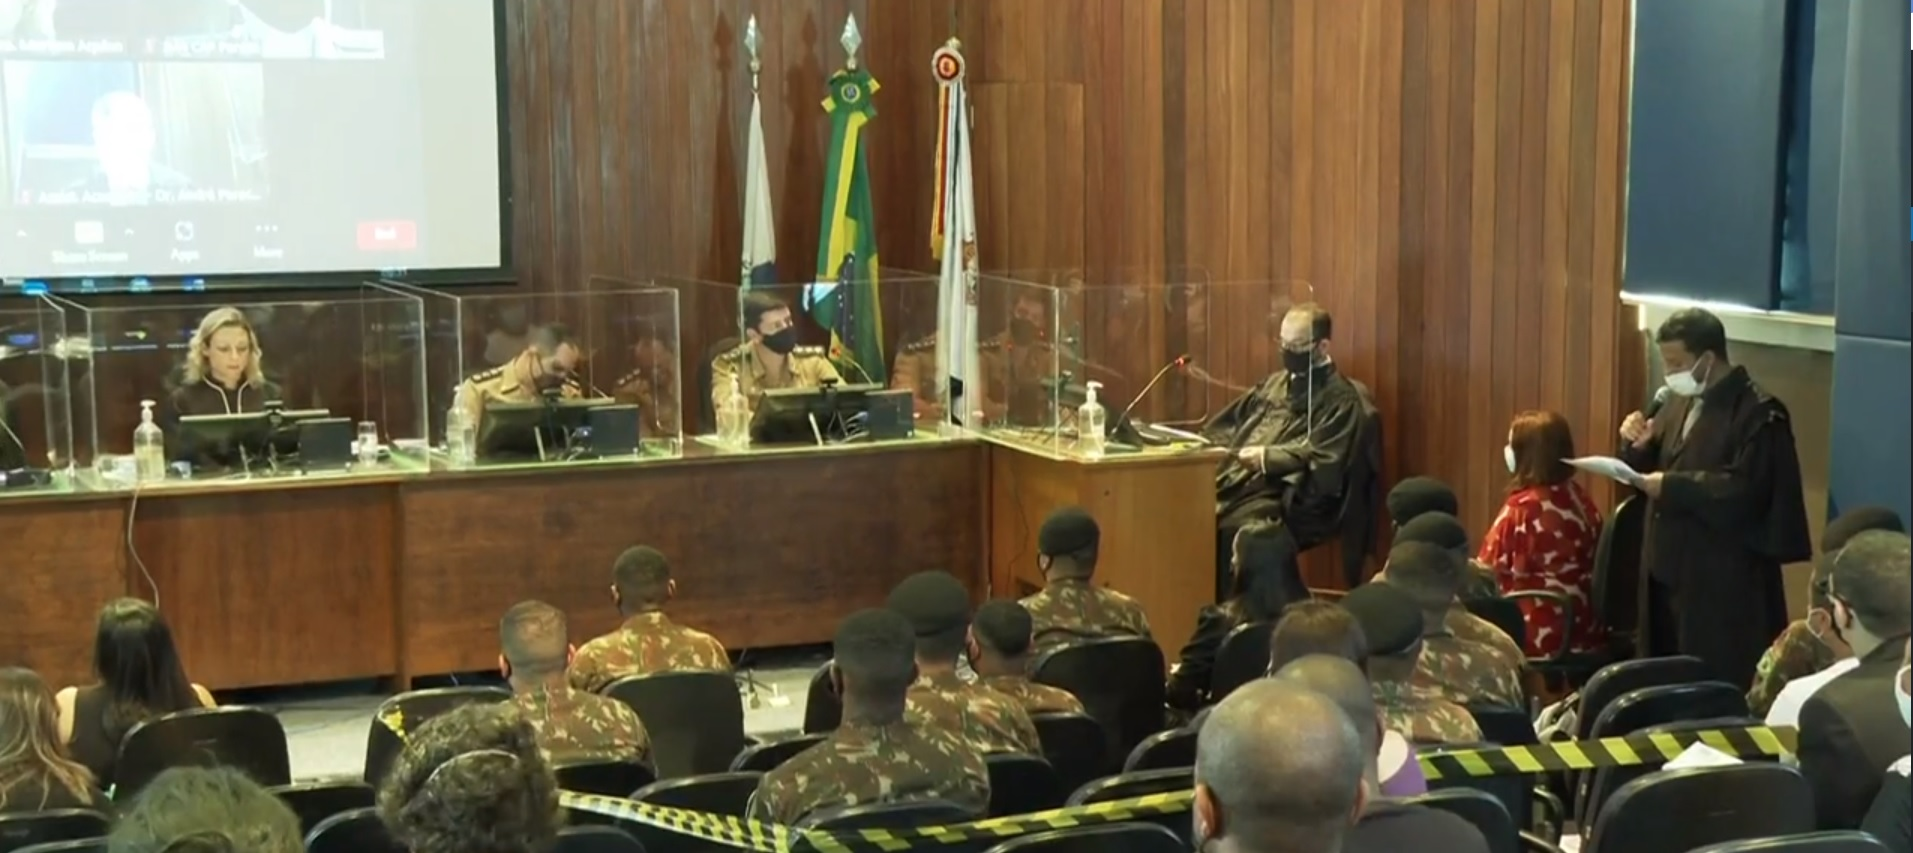 O veredito foi definido por um conselho de juízes composto pela juíza federal Mariana Aquino e quatro juízes militares. Foram três votos a dois, com desempate da juíza.